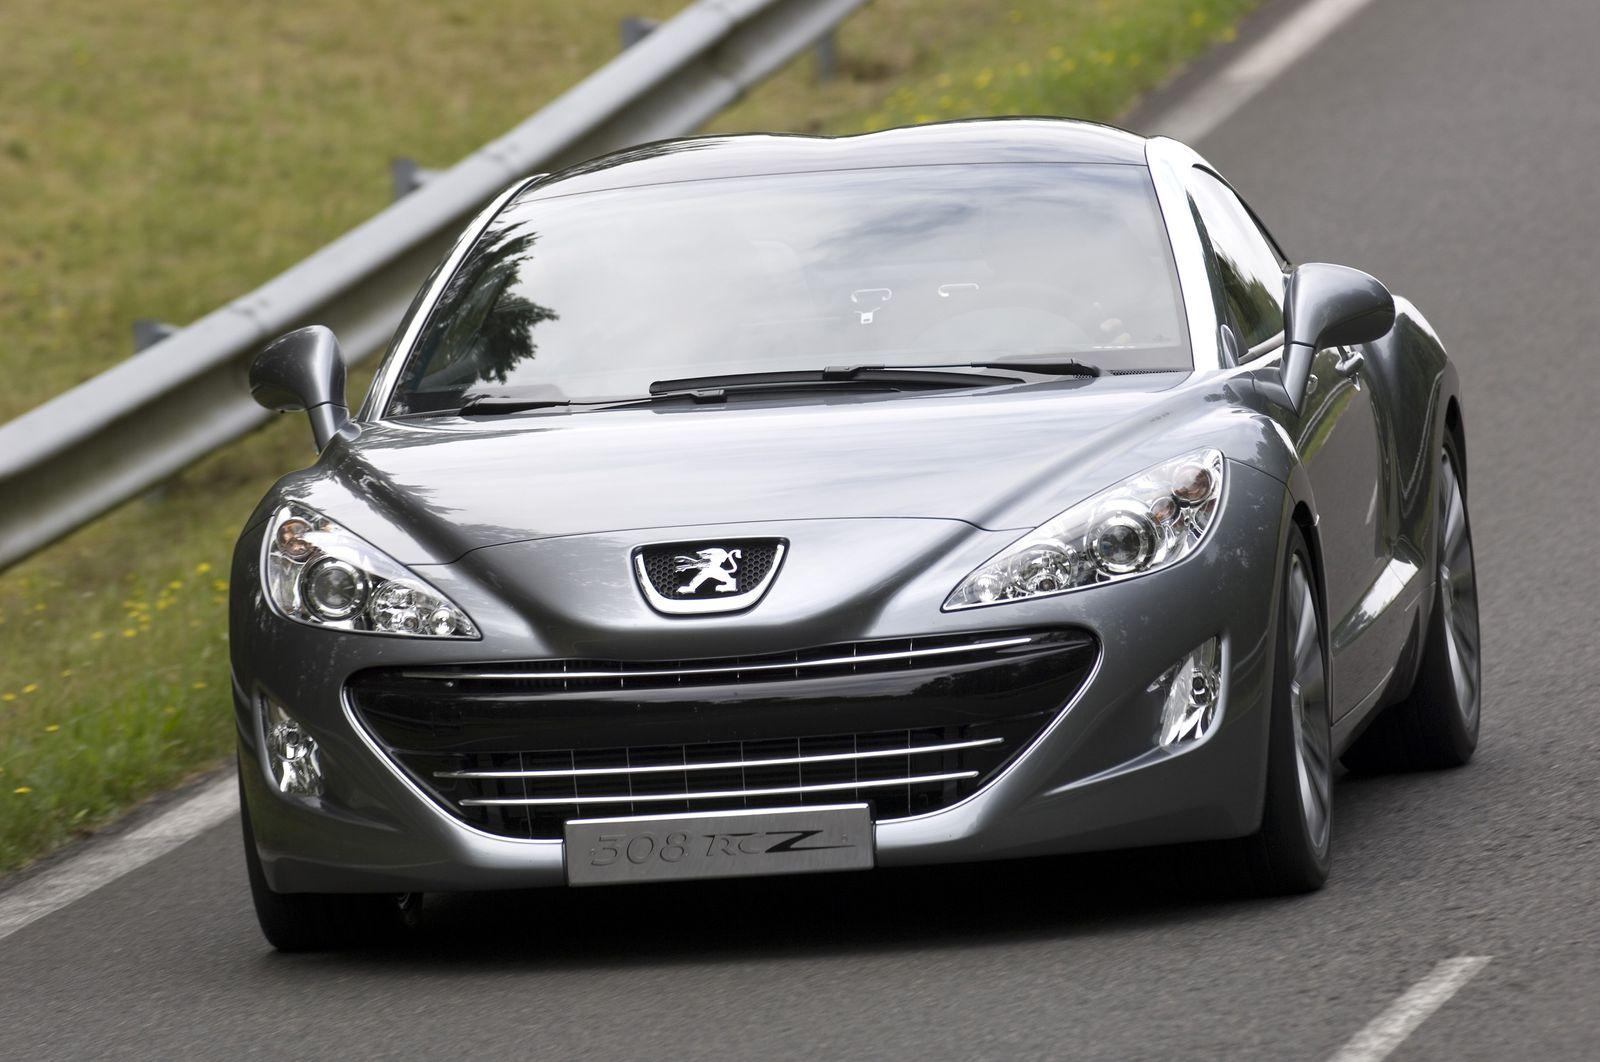 http://3.bp.blogspot.com/-B9MkwvflPFA/Th-qrT8j2GI/AAAAAAAAB-0/5GjBeSLYaQ8/s1600/2012+Peugeot+RCZ+GT+%25283%2529.jpg